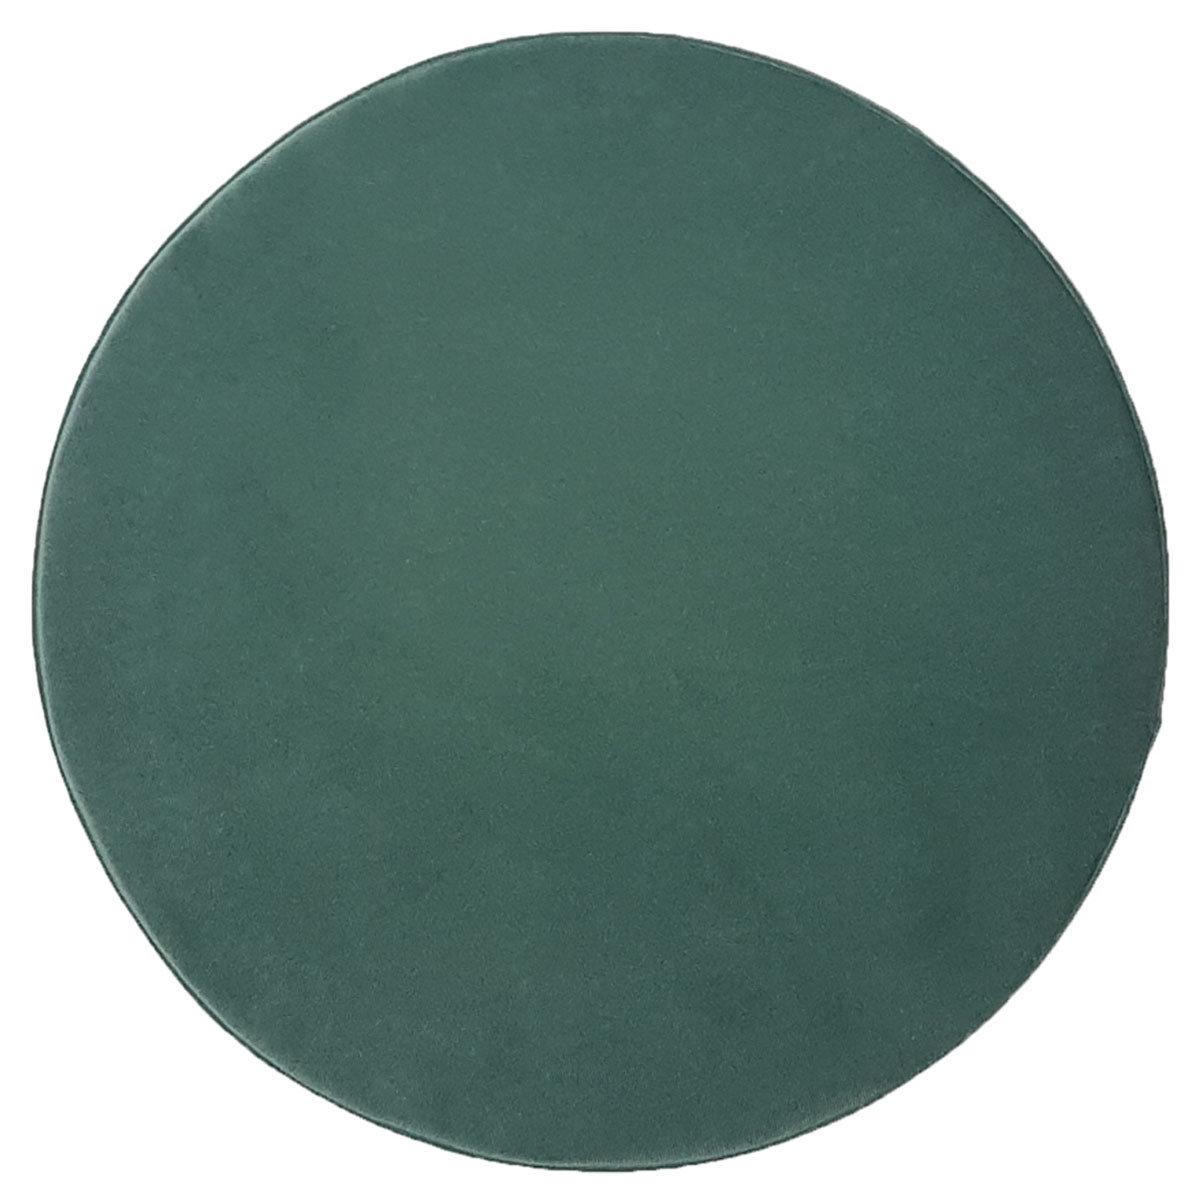 Plain obo top - Støvet grøn 4274